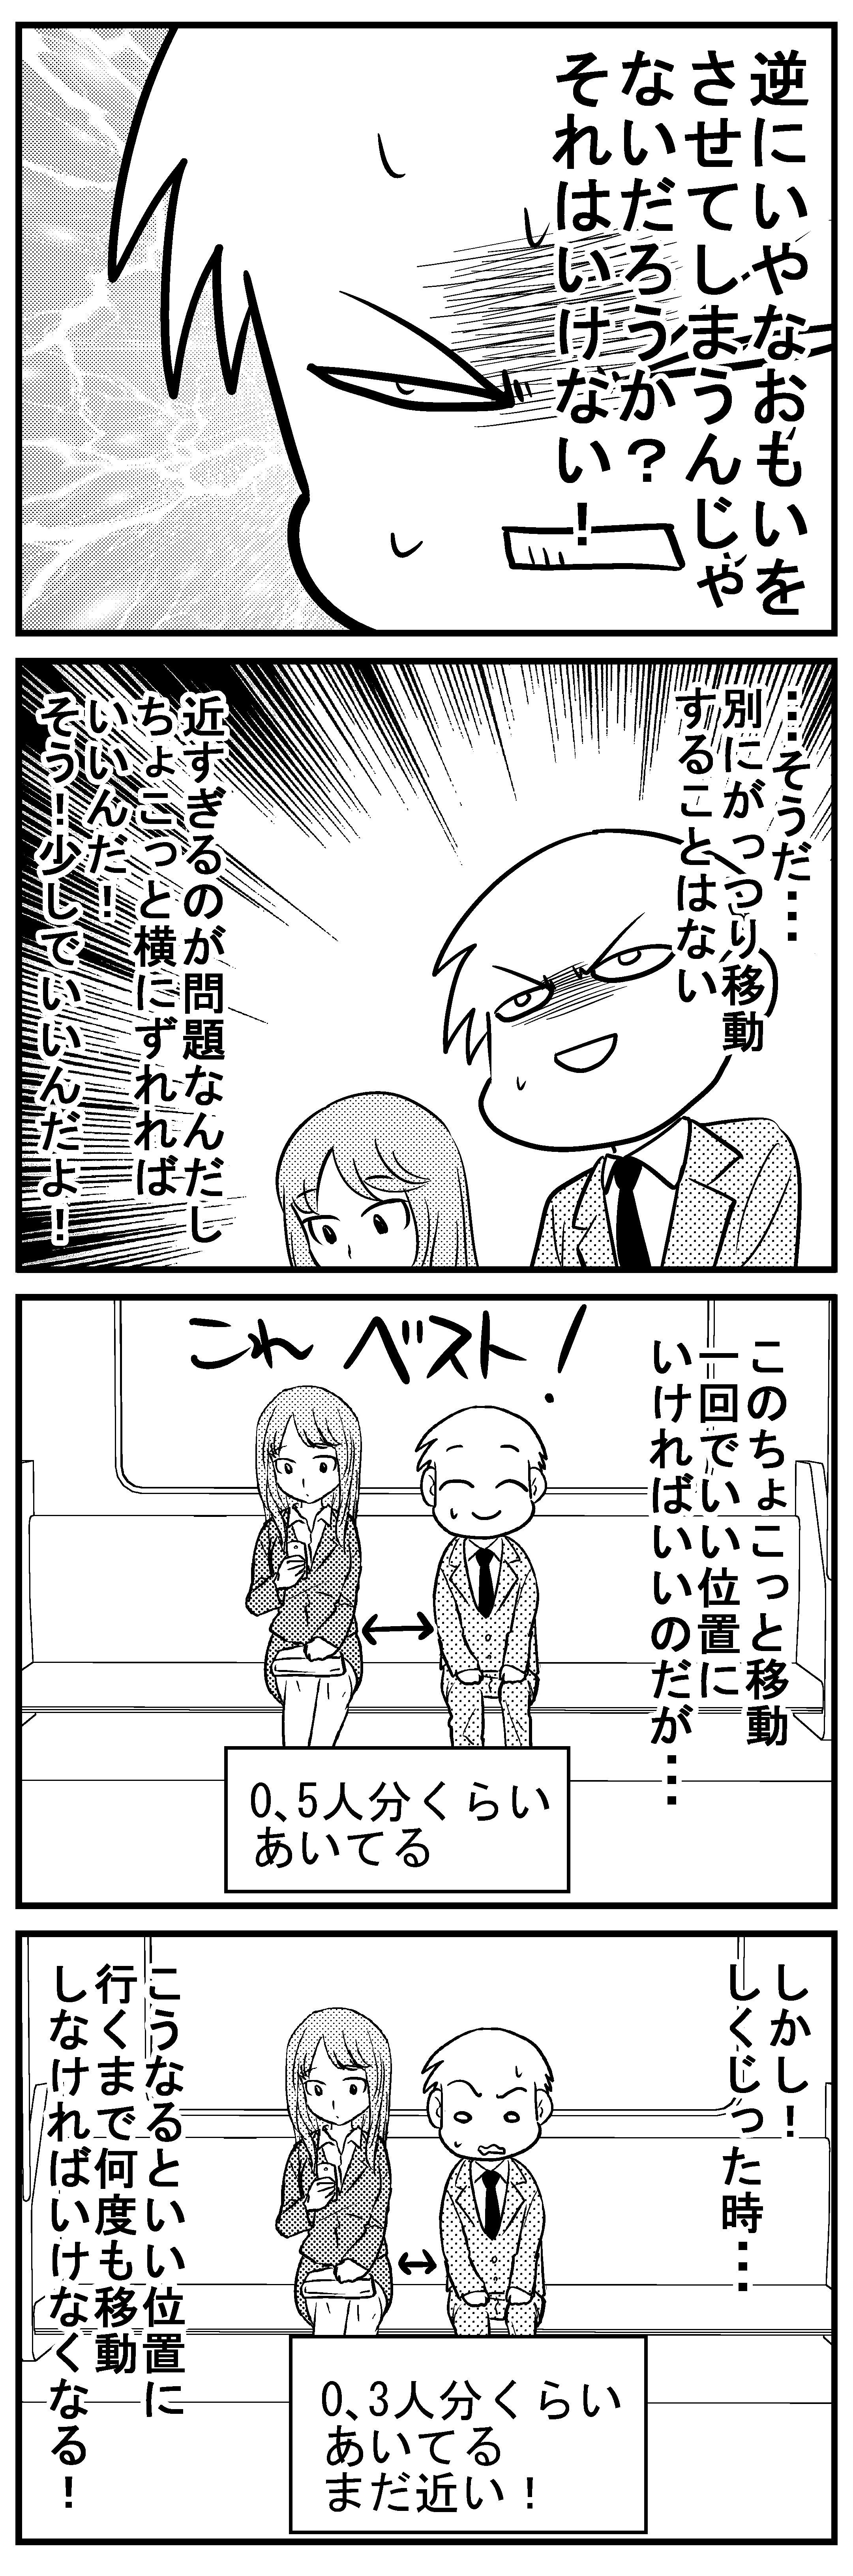 深読みくん49-3 (1)